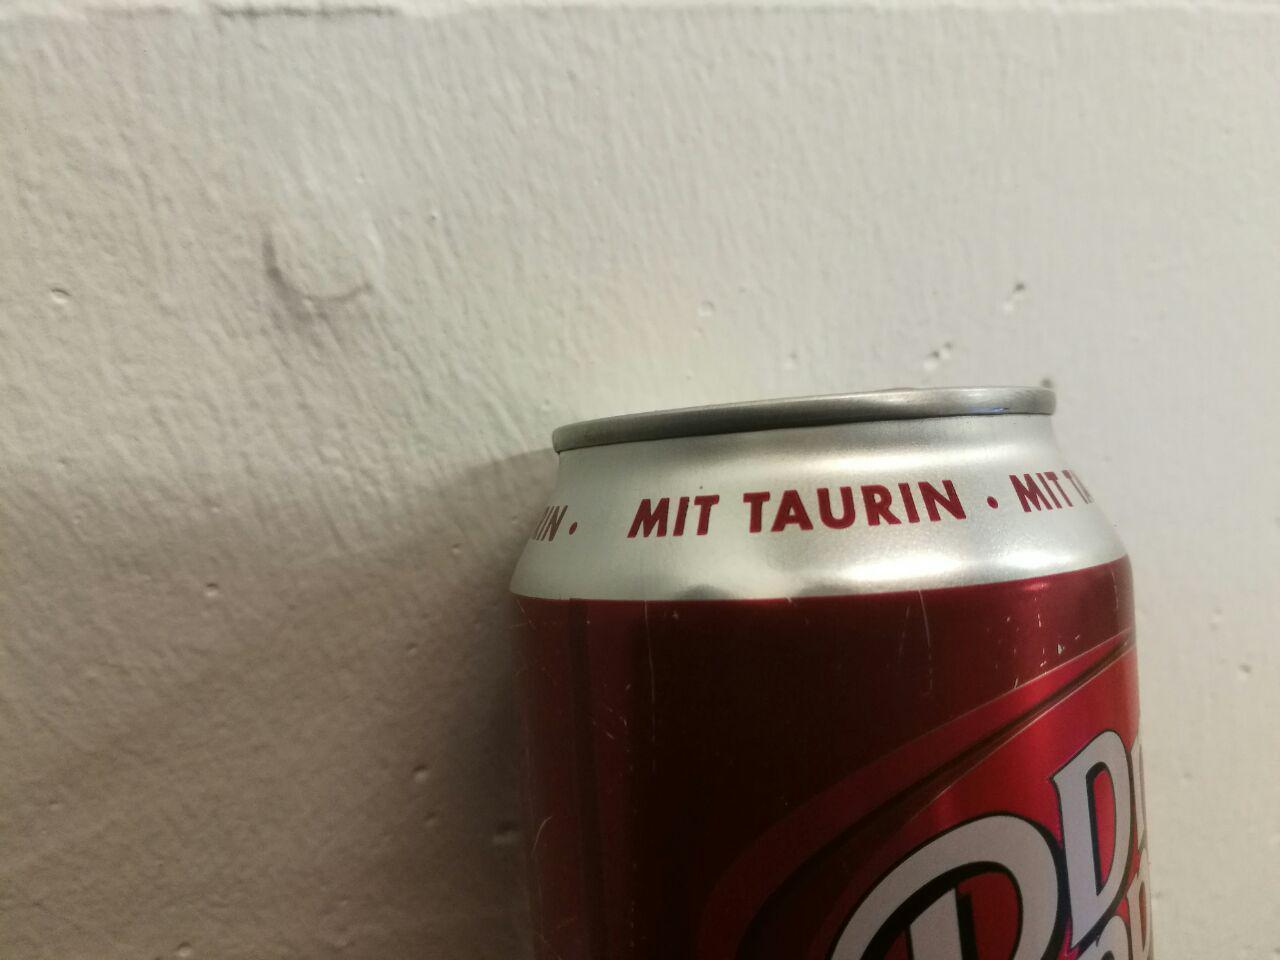 Taurin, hochgelobtes Wundermittel oder wichtiges Supplement?